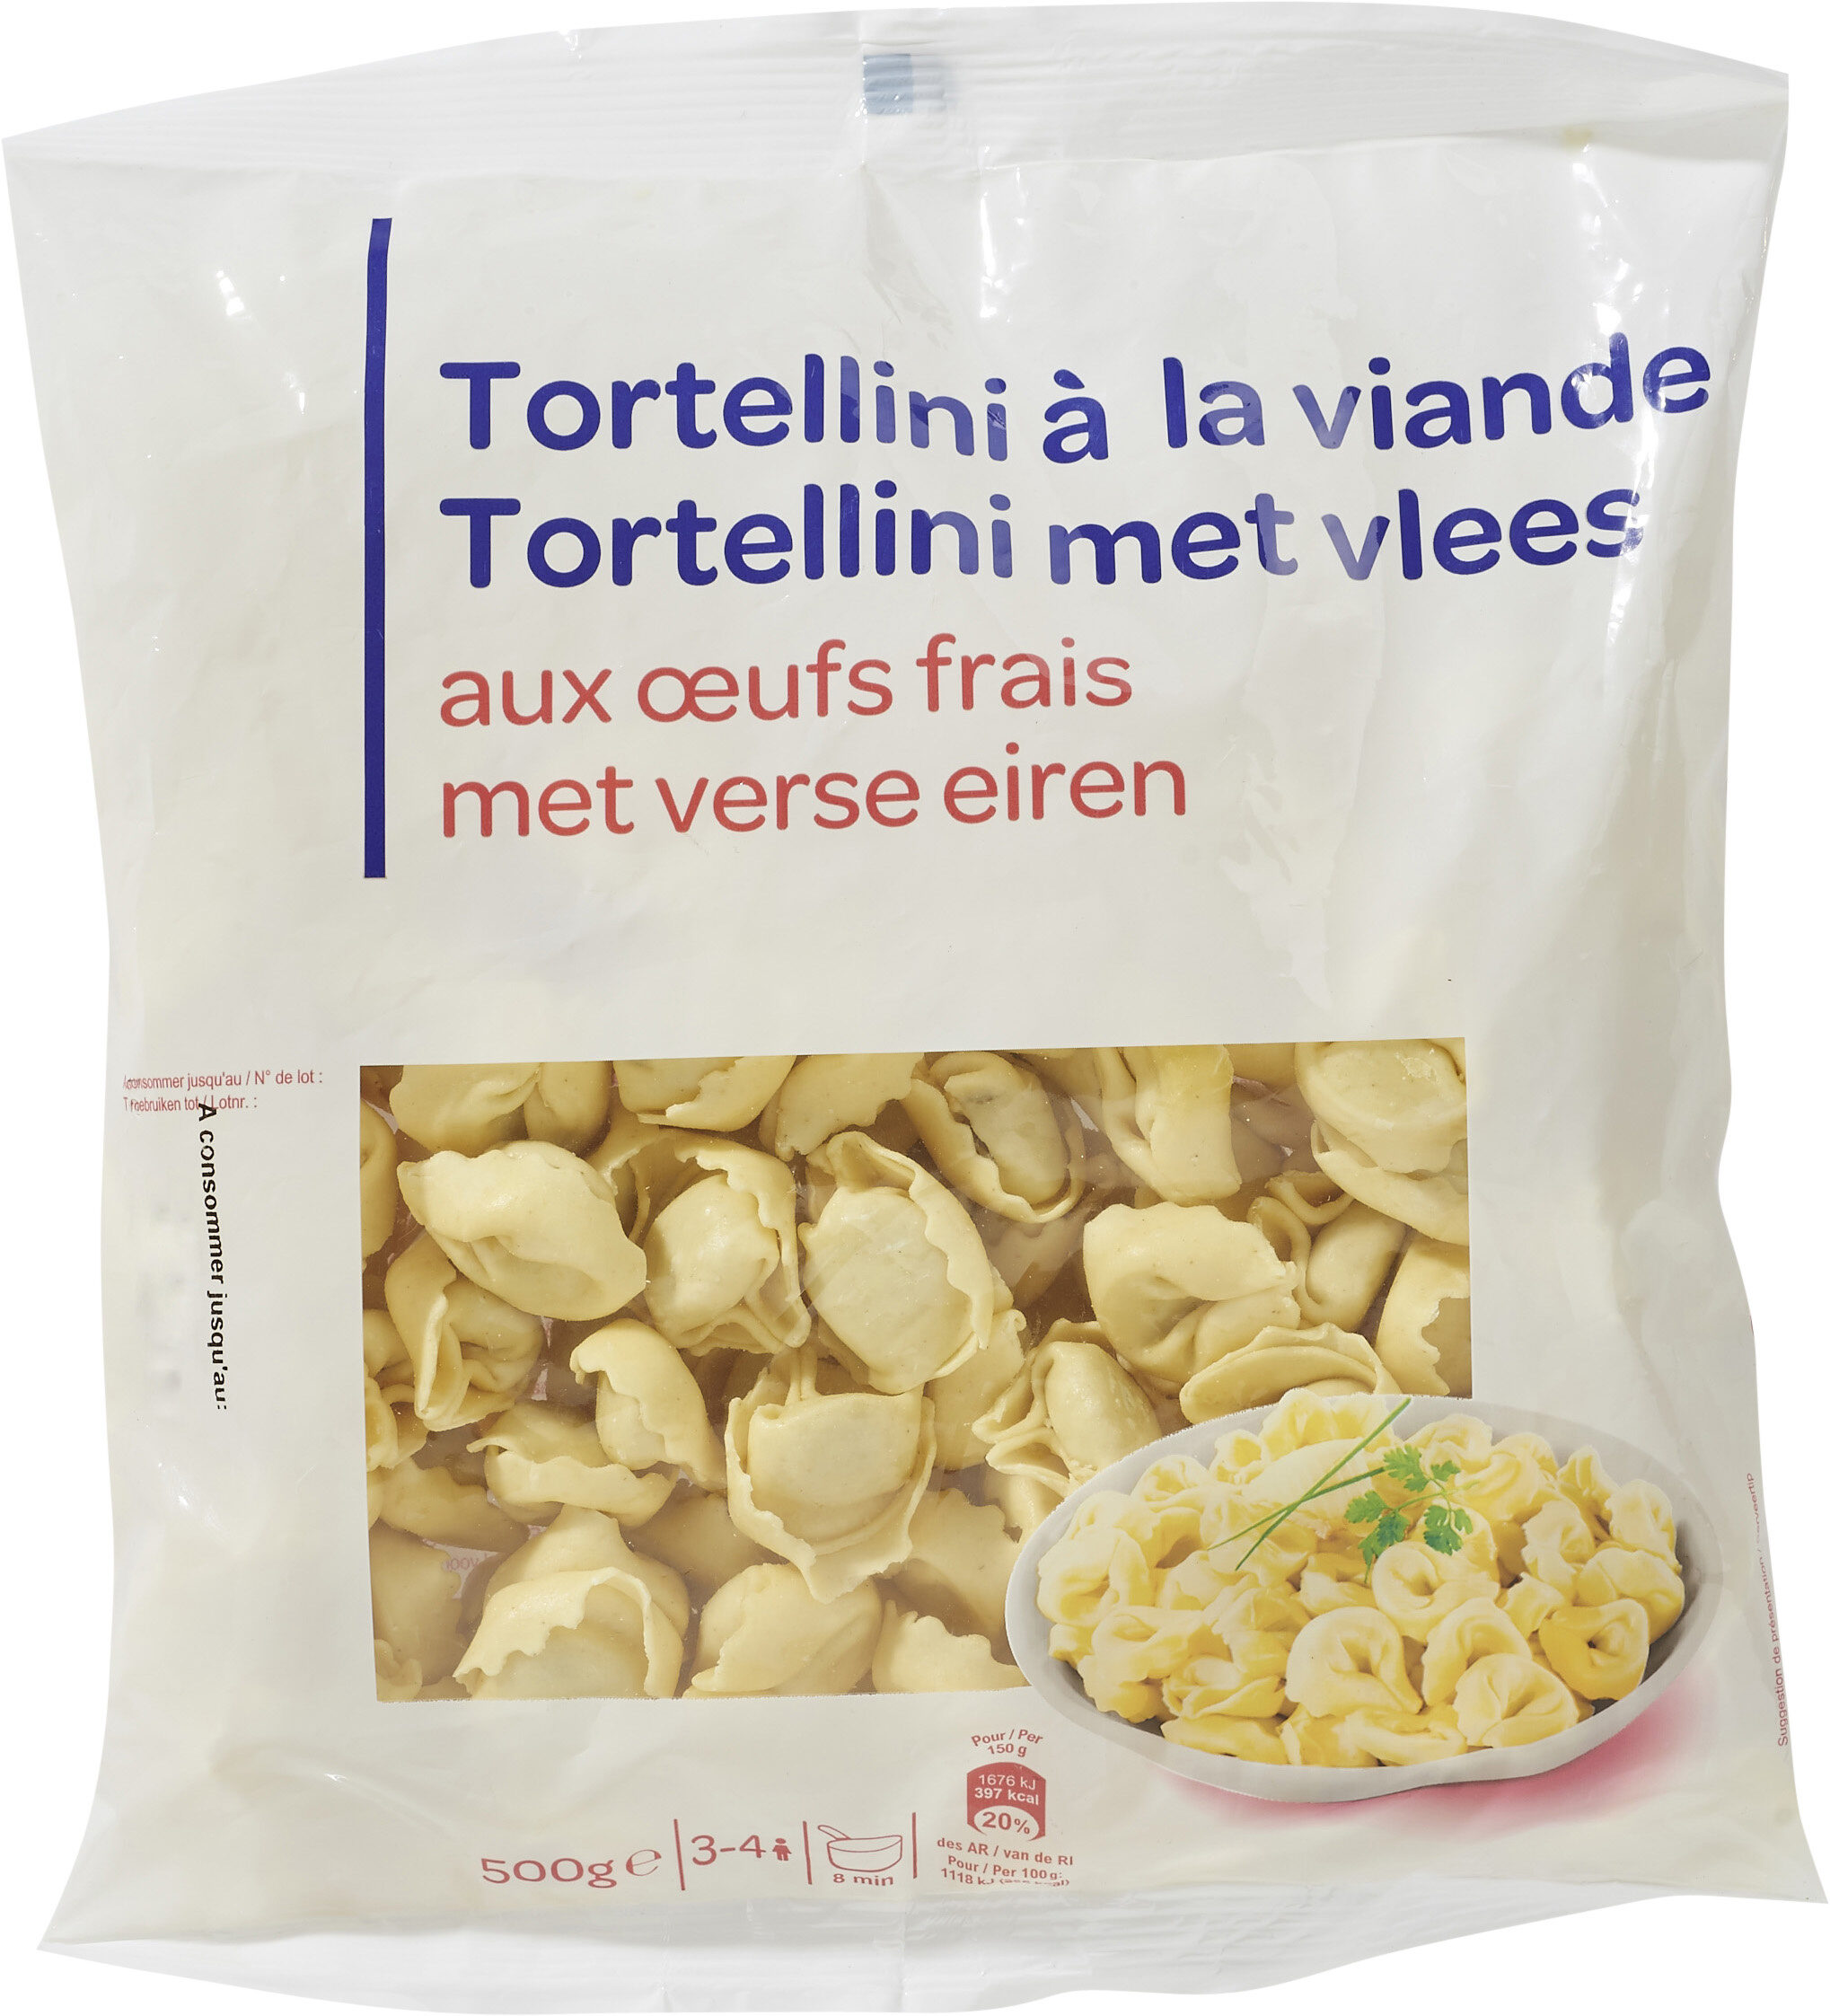 Tortellini Farci de Viande - Prodotto - fr